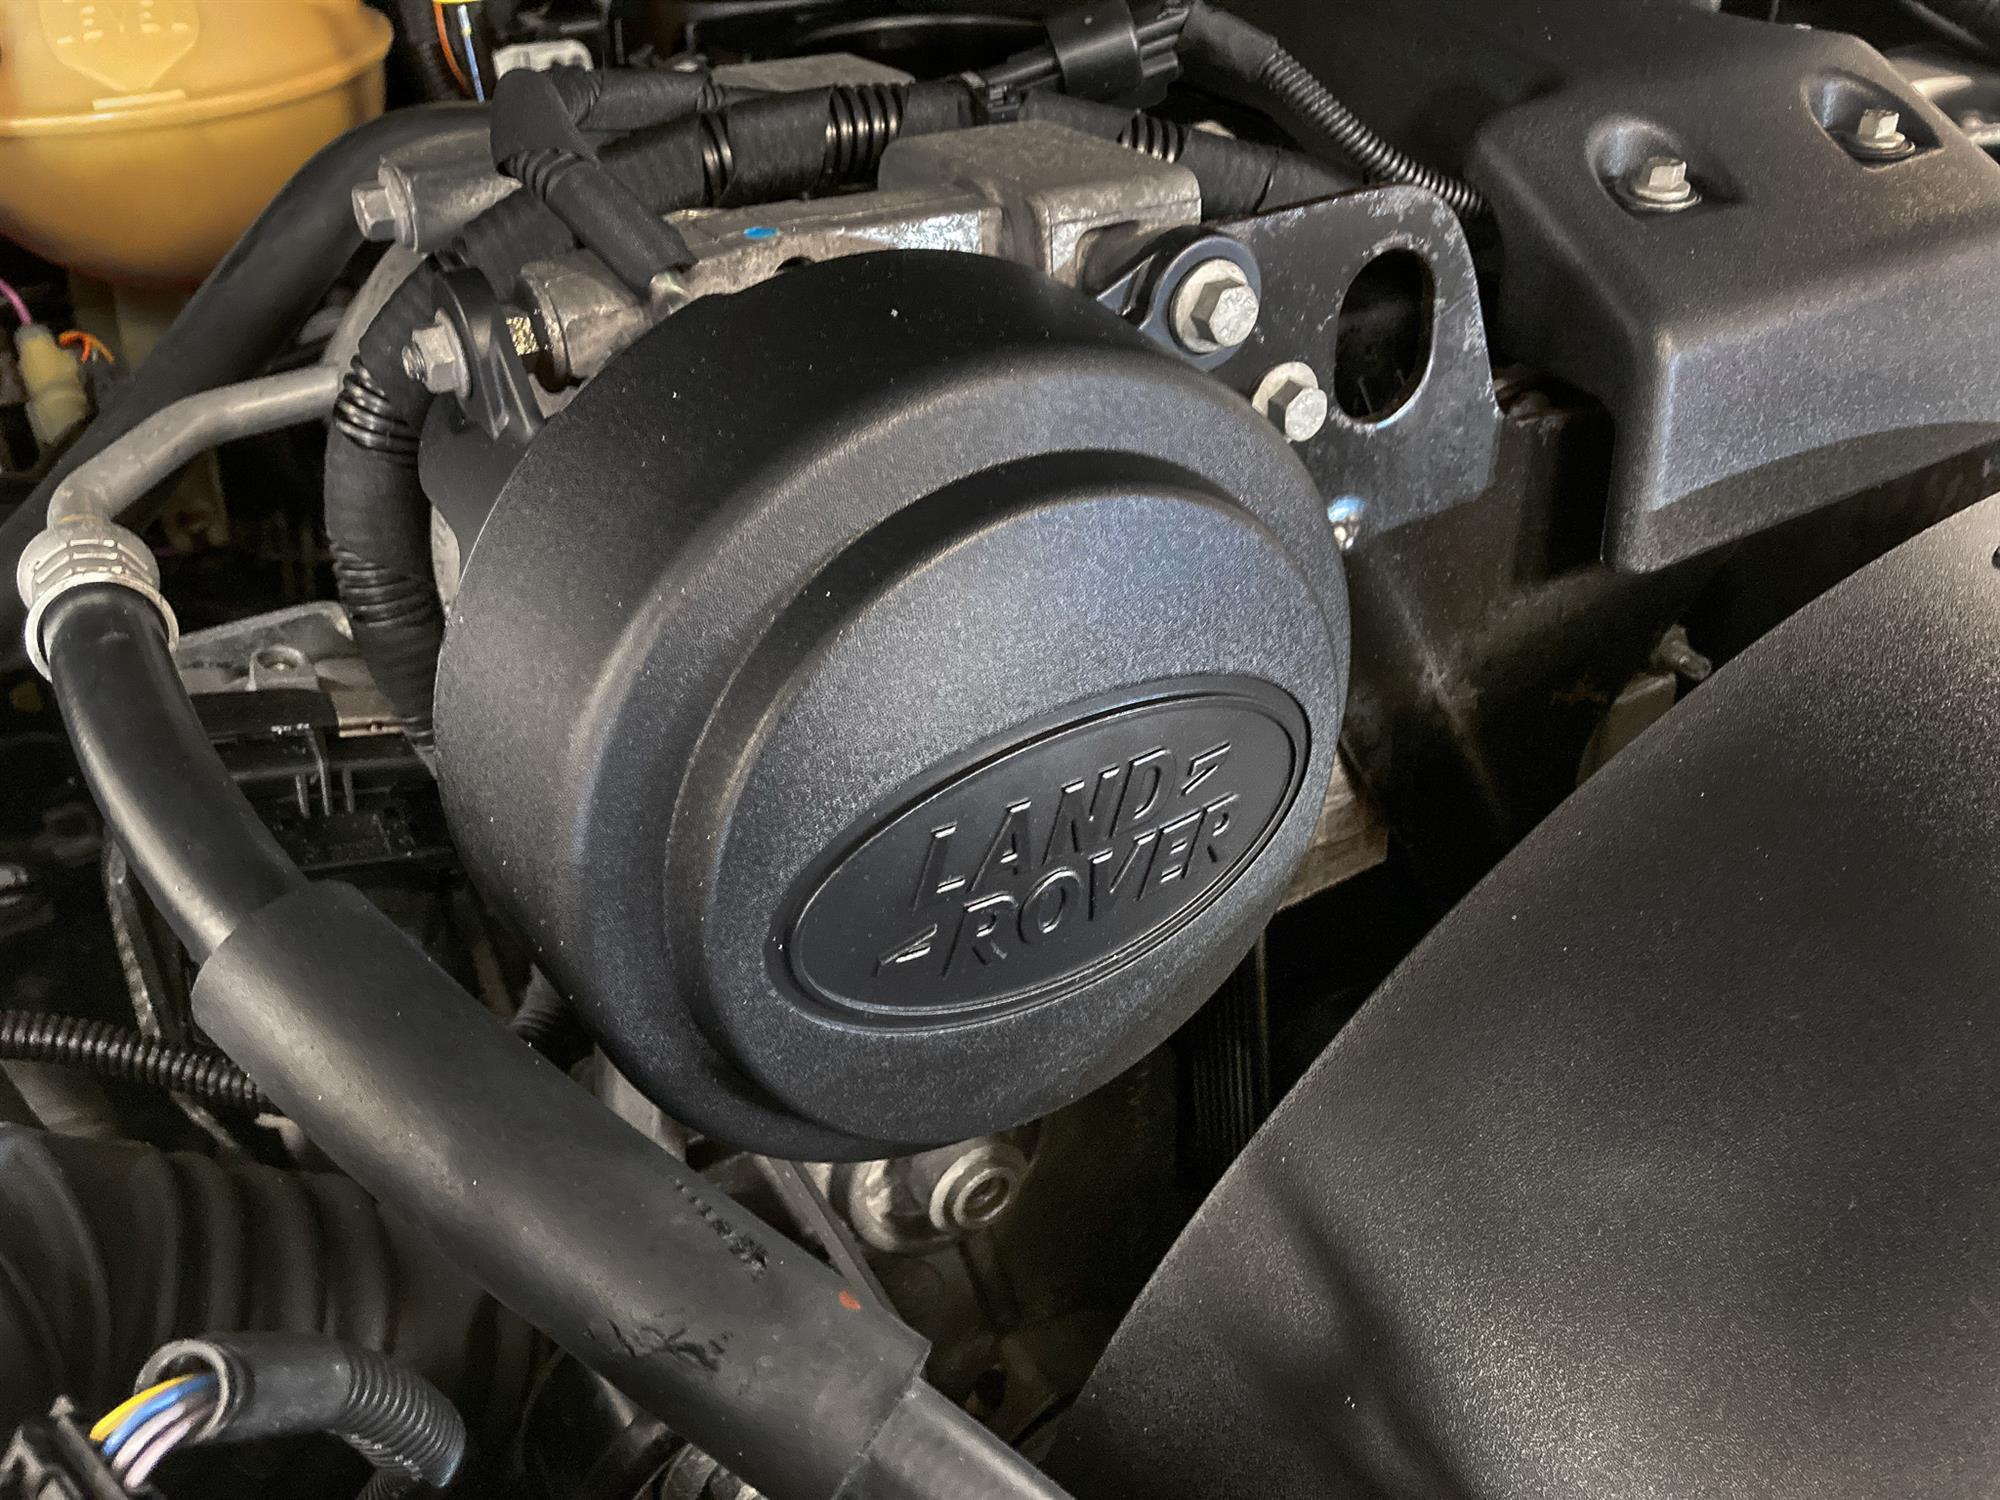 2008 Land Rover Defender 90 SVX - Image 10 of 13